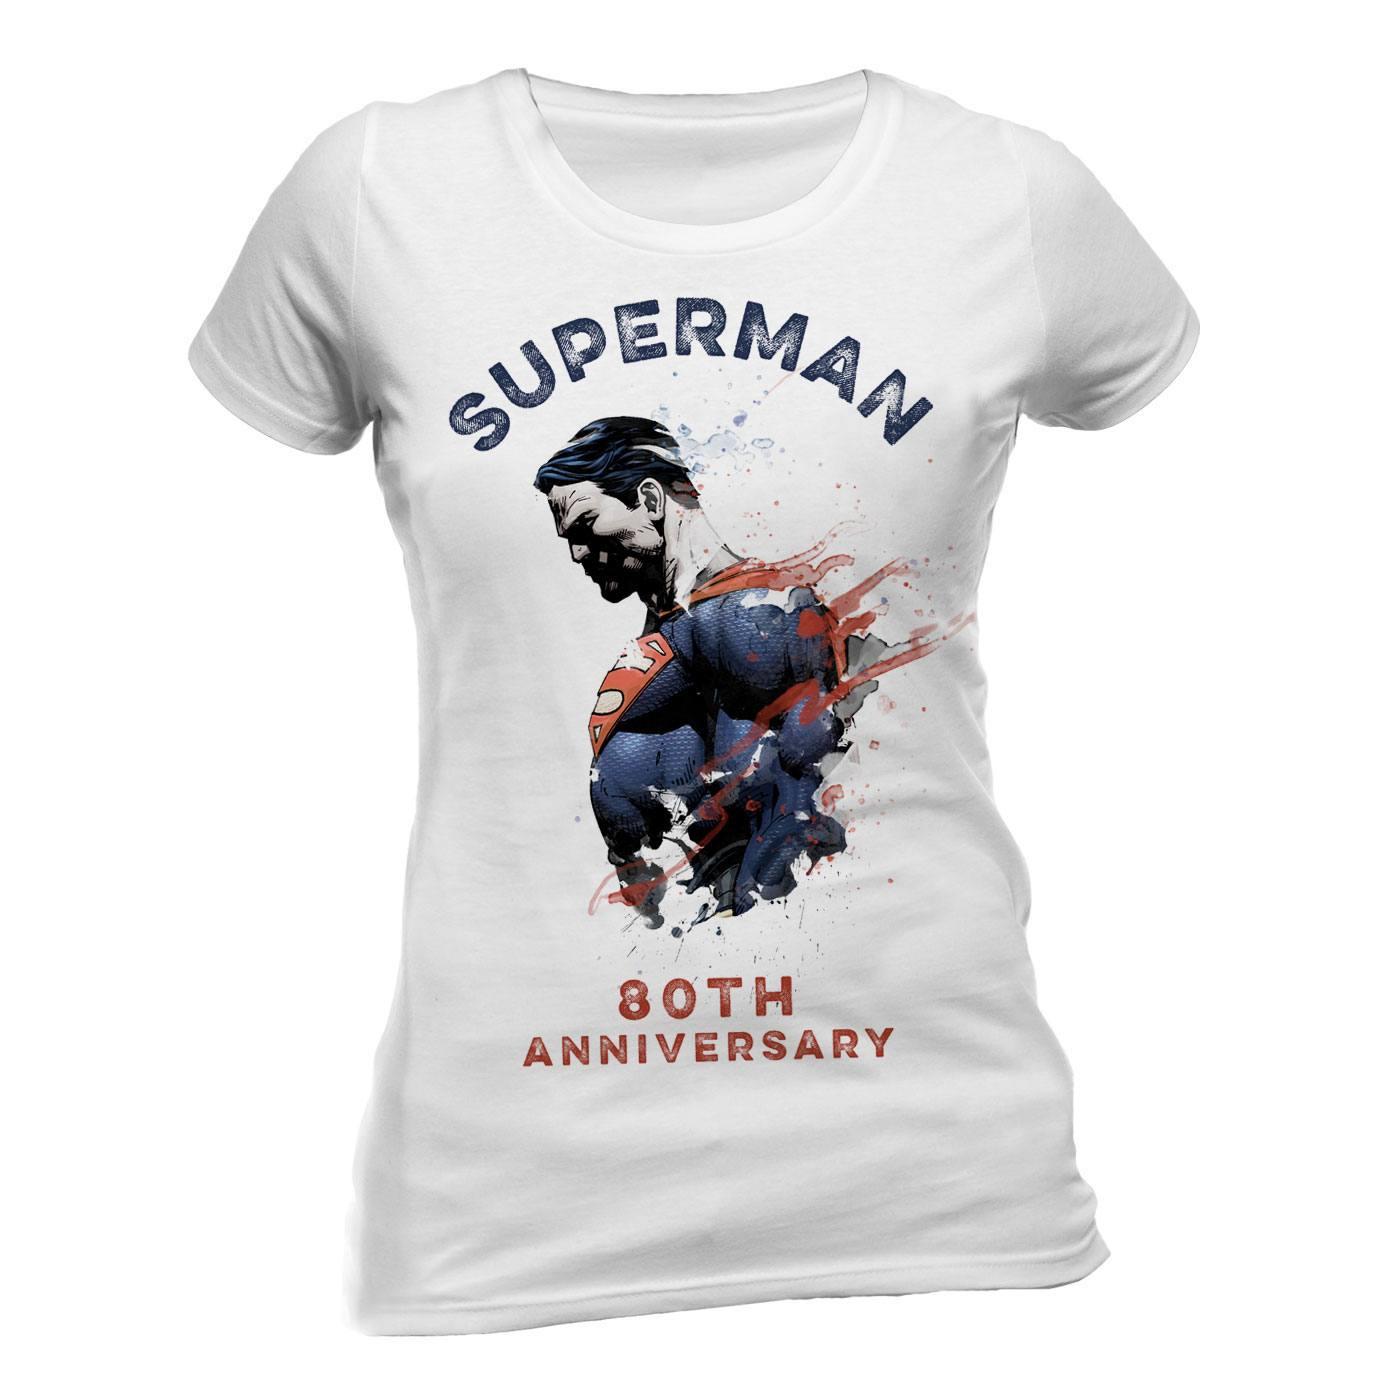 Superman Ladies T-Shirt 80th Anniversary Size L